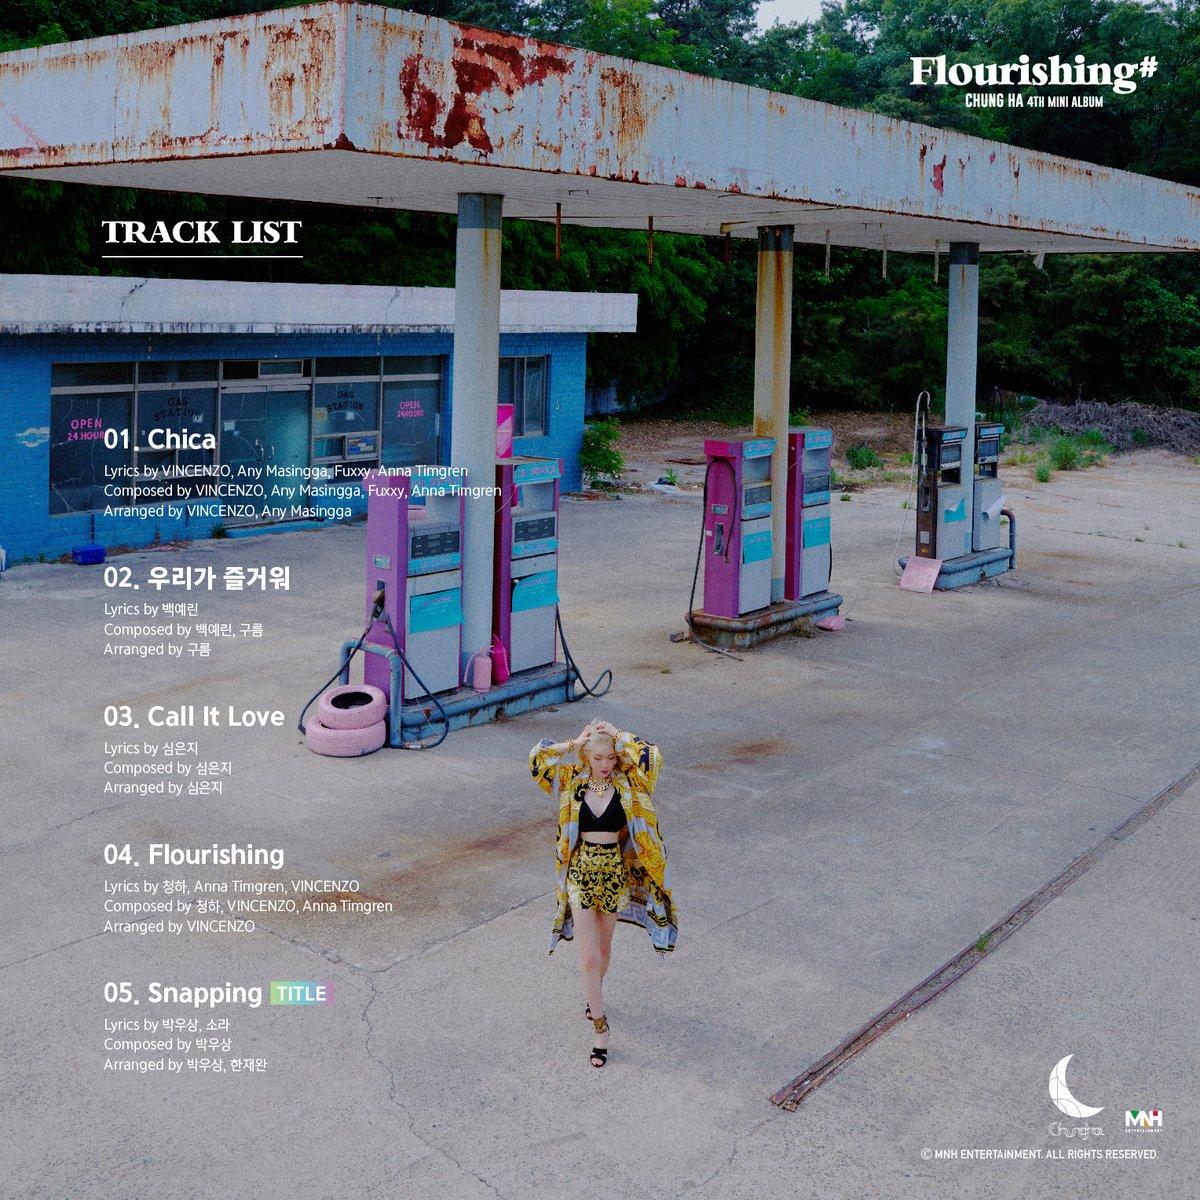 『𝙄𝙉𝙁𝙊』✦  CHUNG Ha nos comparte la lista de canciones, que serán parte de su  4th Mini Album 'Flourishing'   El cual saldrá este 24 de junio a las 6PM (KST)  #청하 #CHUNGHA #Chica #우리가_즐거워 #Call_It_Love #Flourishing #Snapping